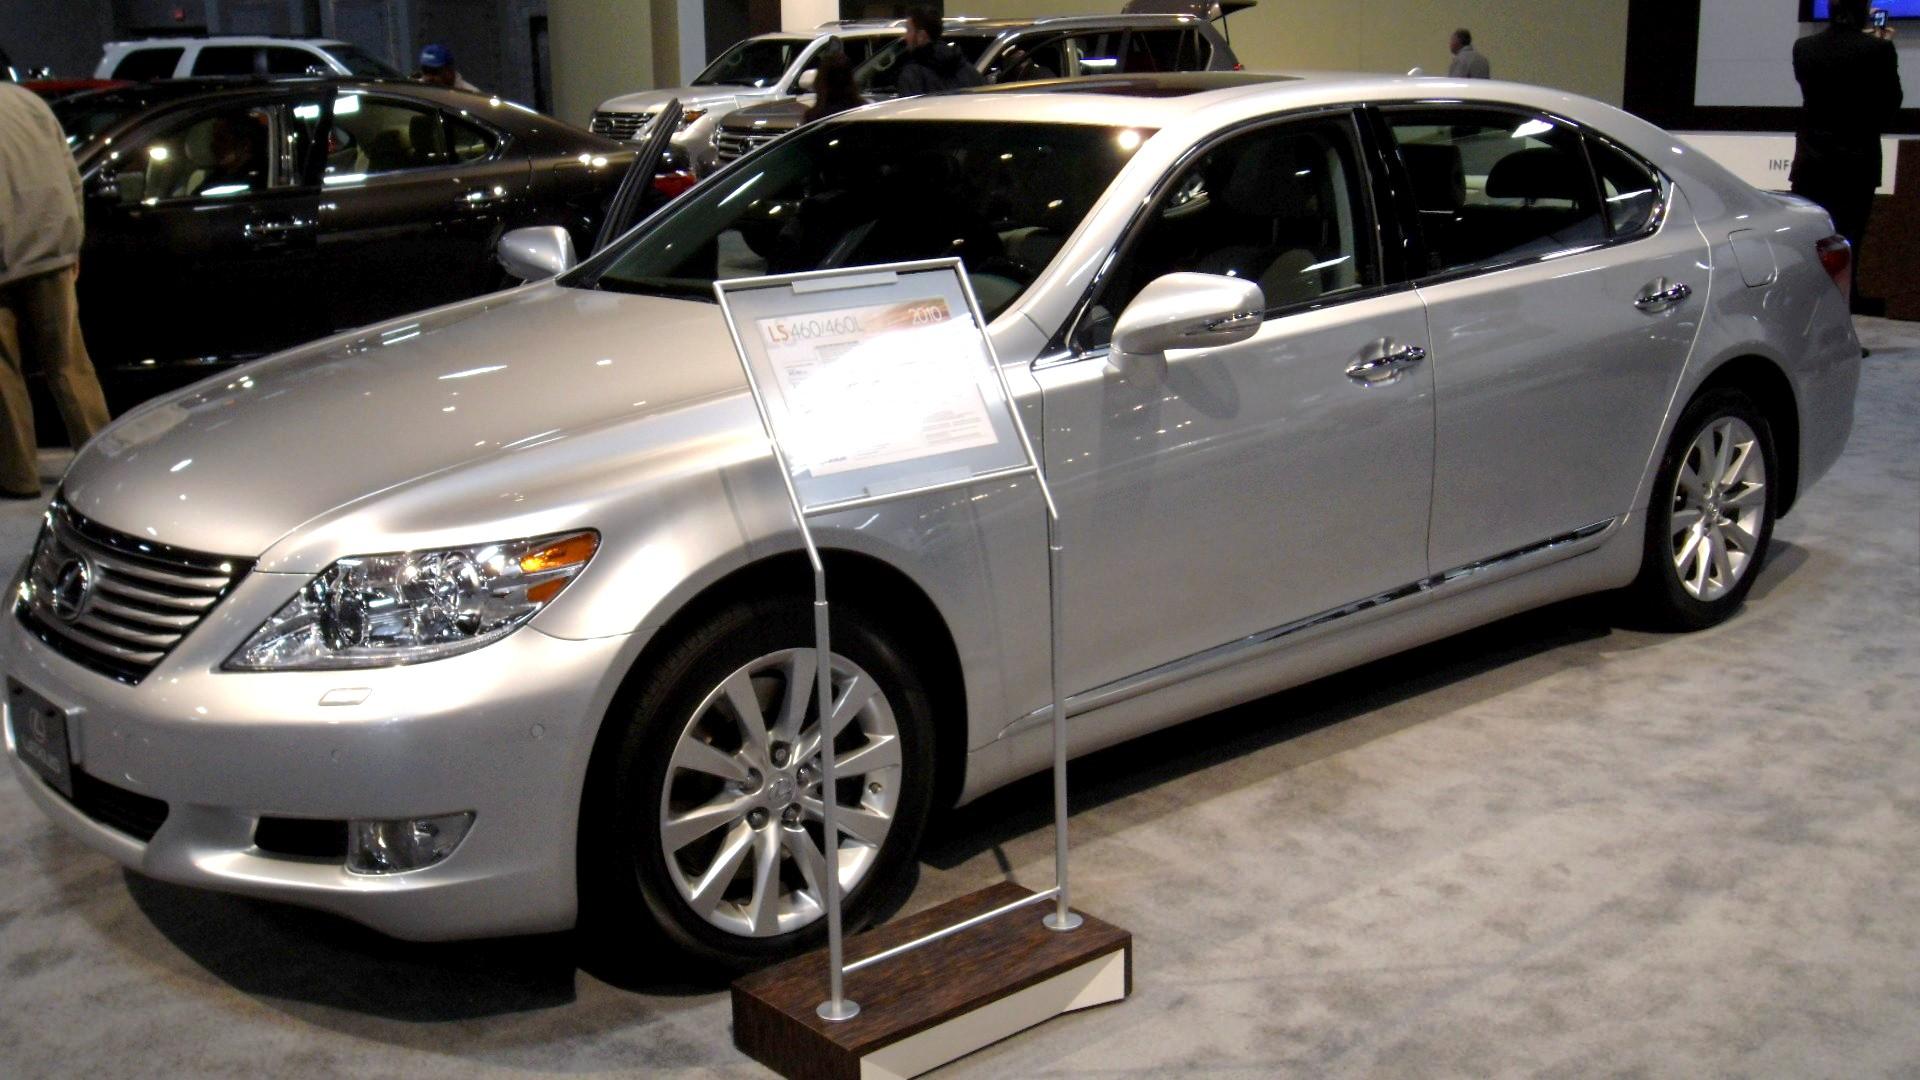 https://upload.wikimedia.org/wikipedia/commons/c/c3/2010_Lexus_LS_460_L.jpg